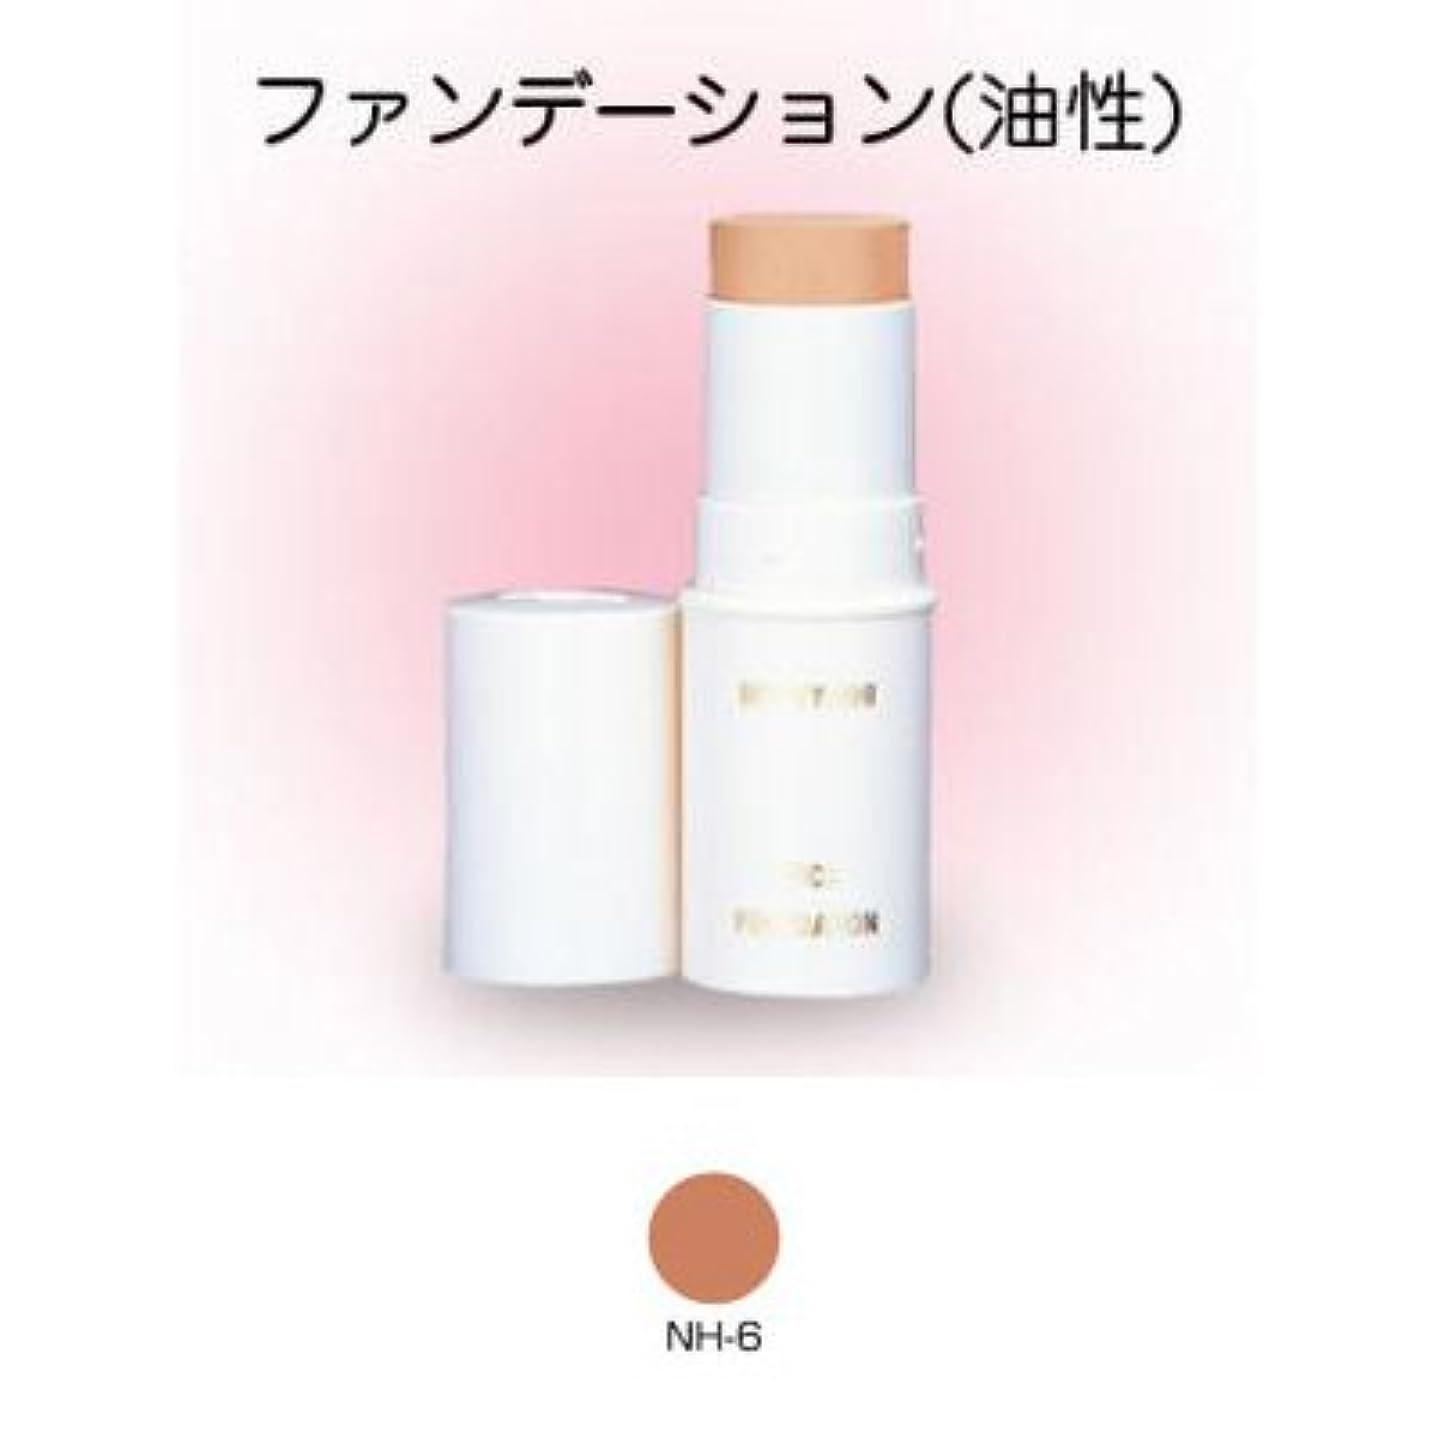 主権者浮浪者構成員スティックファンデーション 16g NH-6 【三善】